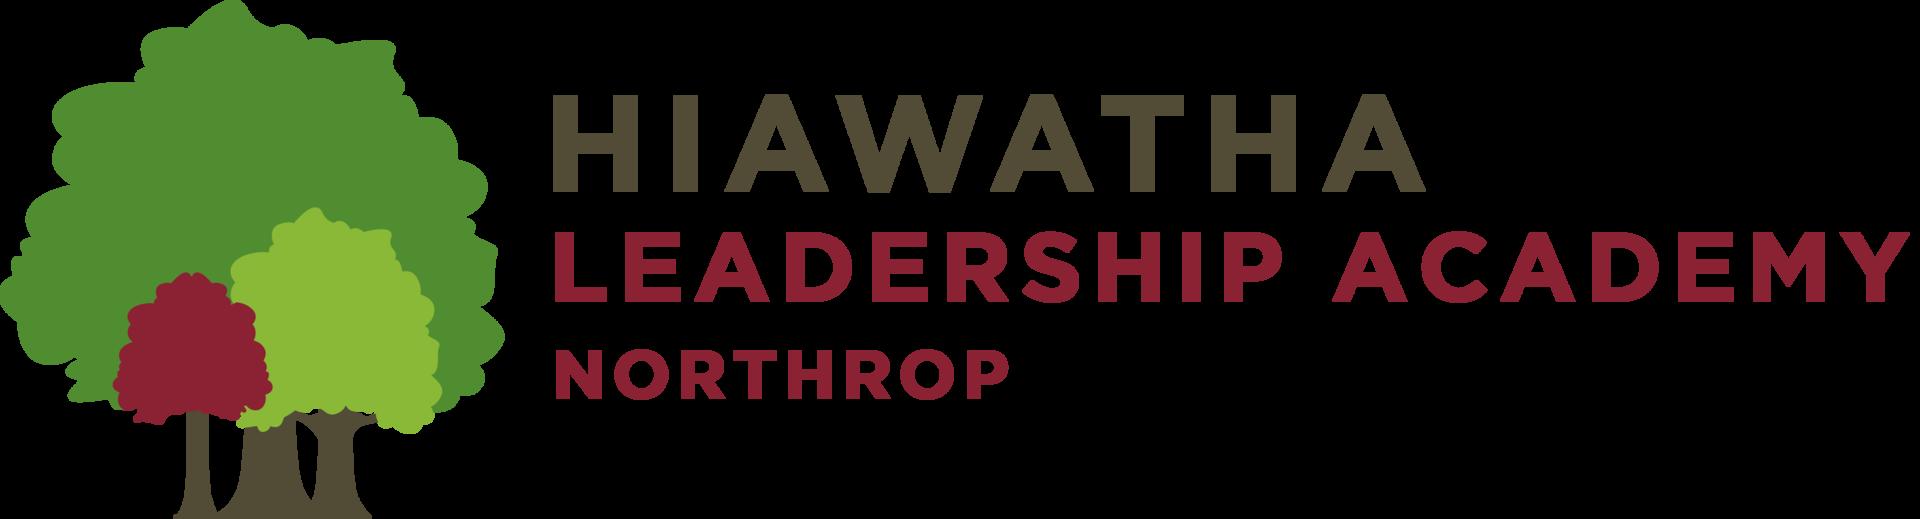 Hiawatha Leadership Academy - Northrop logo